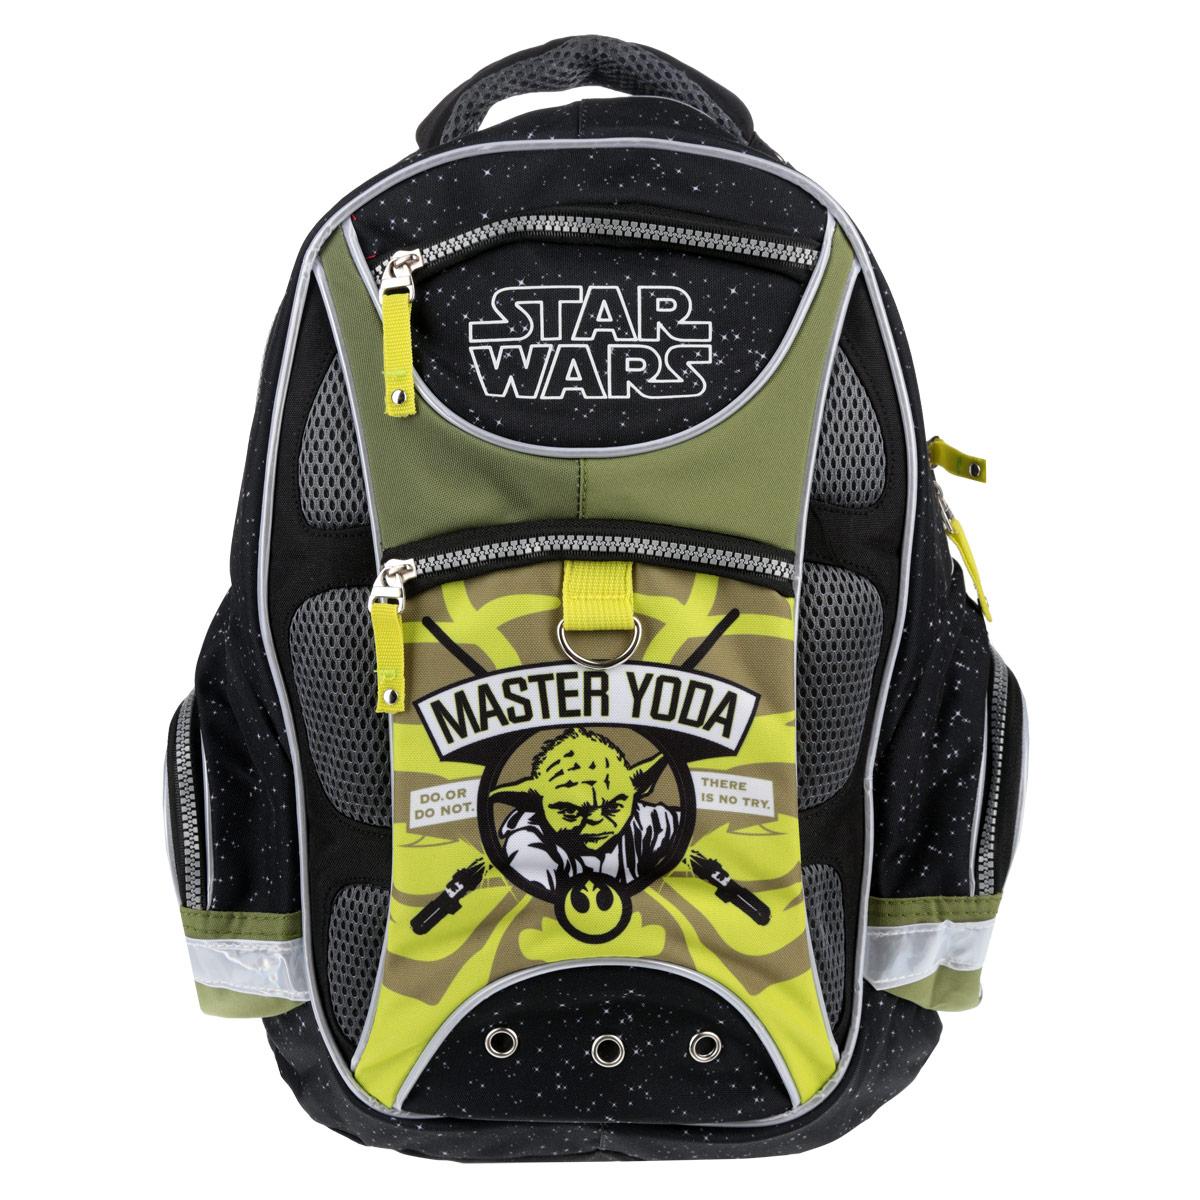 Рюкзак школьный Star Wars Master Yoda, цвет: черный, зеленый37475_черный, зеленыйРюкзак школьный Star Wars Master Yoda обязательно привлечет внимание вашего школьника. Рюкзак изготовлен из высококачественных и прочных материалов, дополнен изображением главного персонажа Звездных войн Йоды.Рюкзак содержит одно вместительное отделение на застежке-молнии с двумя бегунками. Внутри отделения расположен прорезной карман на молнии, а также четыре открытых кармана, карман-сетка на молнии и отделение для мобильного телефона, закрывающееся клапаном на липучке. На лицевой стороне находятся два прорезных кармана на застежке-молнии. По бокам рюкзака расположены два накладных кармана на молнии. Конструкция спинки дополнена эргономичными подушечками, противоскользящей сеточкой и системой вентиляции для предотвращения запотевания спины ребенка. Мягкие широкие лямки позволяют легко и быстро отрегулировать рюкзак в соответствии с ростом. Рюкзак оснащен текстильной ручкой для удобной переноски в руке. Дно с пластиковыми ножками обеспечивает ранцу хорошую устойчивость и защиту от загрязнений. Светоотражающие элементы обеспечивают безопасность в темное время суток.Многофункциональный школьный рюкзак станет незаменимым спутником вашего ребенка в походах за знаниями.Рекомендуемый возраст: от 6 лет.